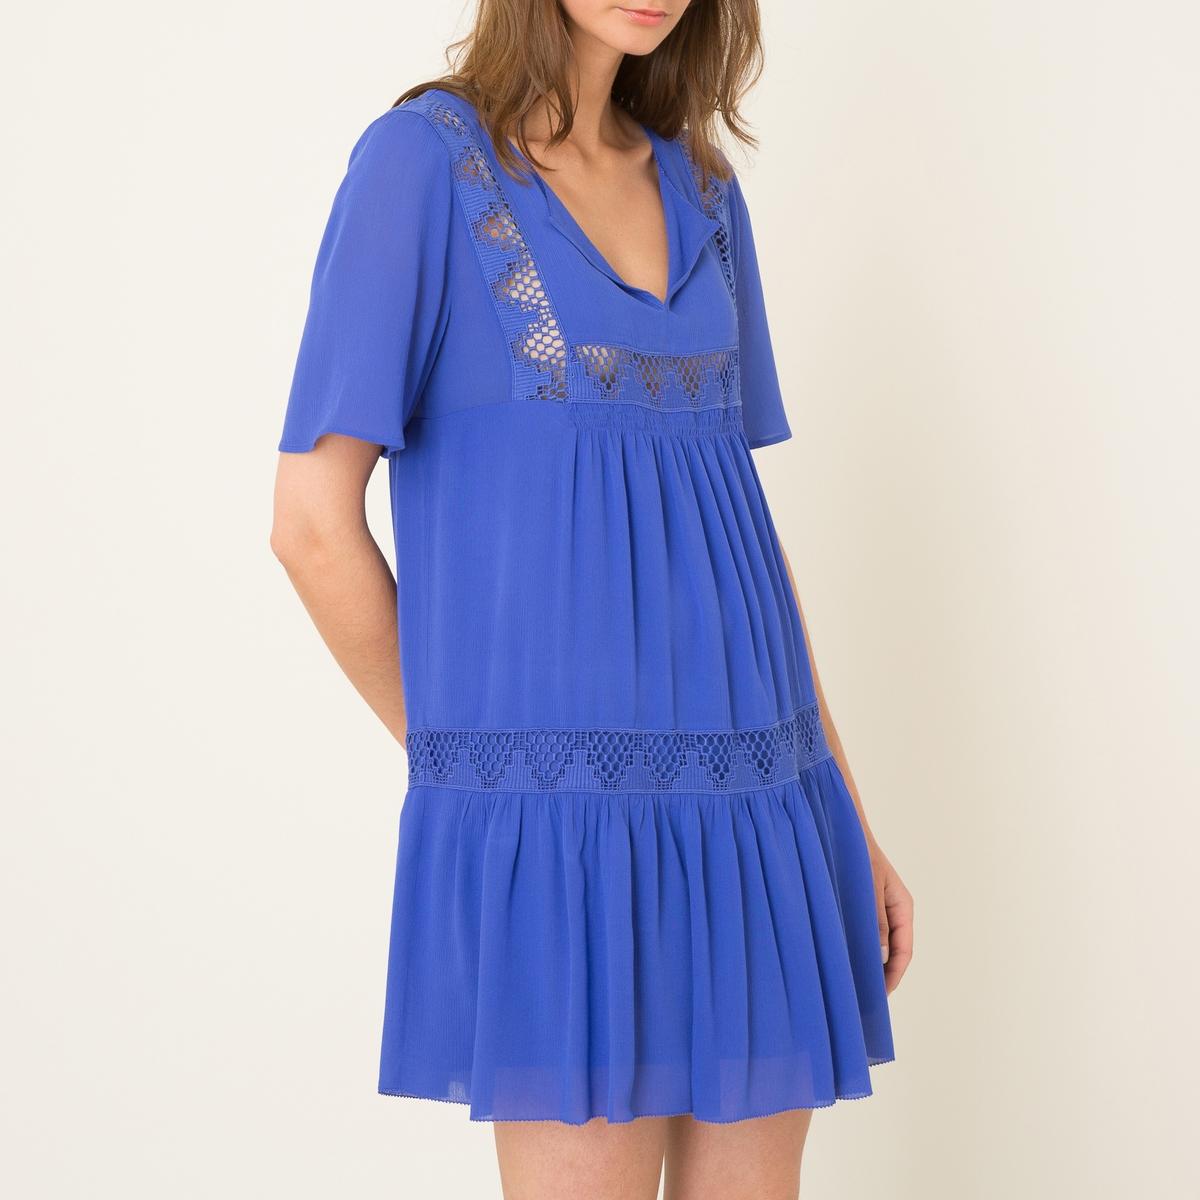 Платье WAXAПлатье короткое BA&amp;SH - модель WAXA, из струящегося материала . Объемный покрой. Тунисский воротник. Короткие рукава. Кружевная отделка .Состав и описание    Материал : 100% волокно рами   Марка : BA&amp;SH<br><br>Цвет: синий королевский<br>Размер: M